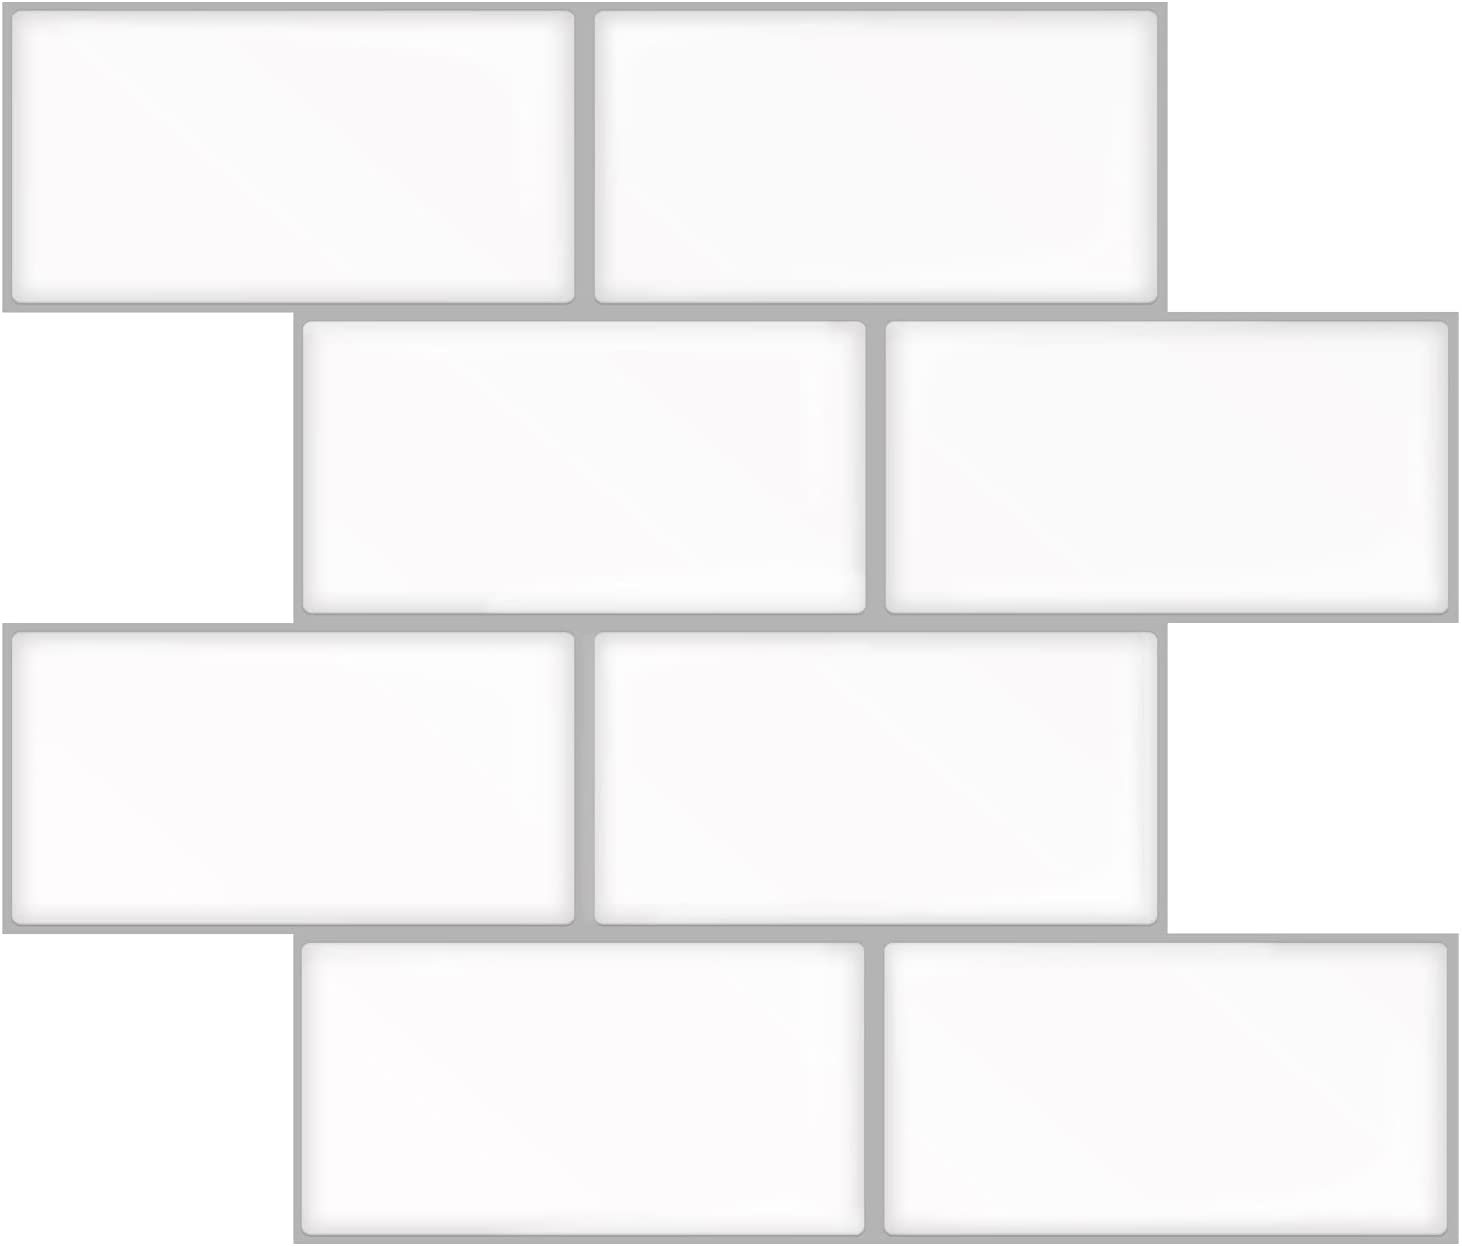 A17702-Art3d Subway Tiles Peel and Stick Backsplash, Stick on Tiles Kitchen Backsplash (10 Tiles, Thicker Version)